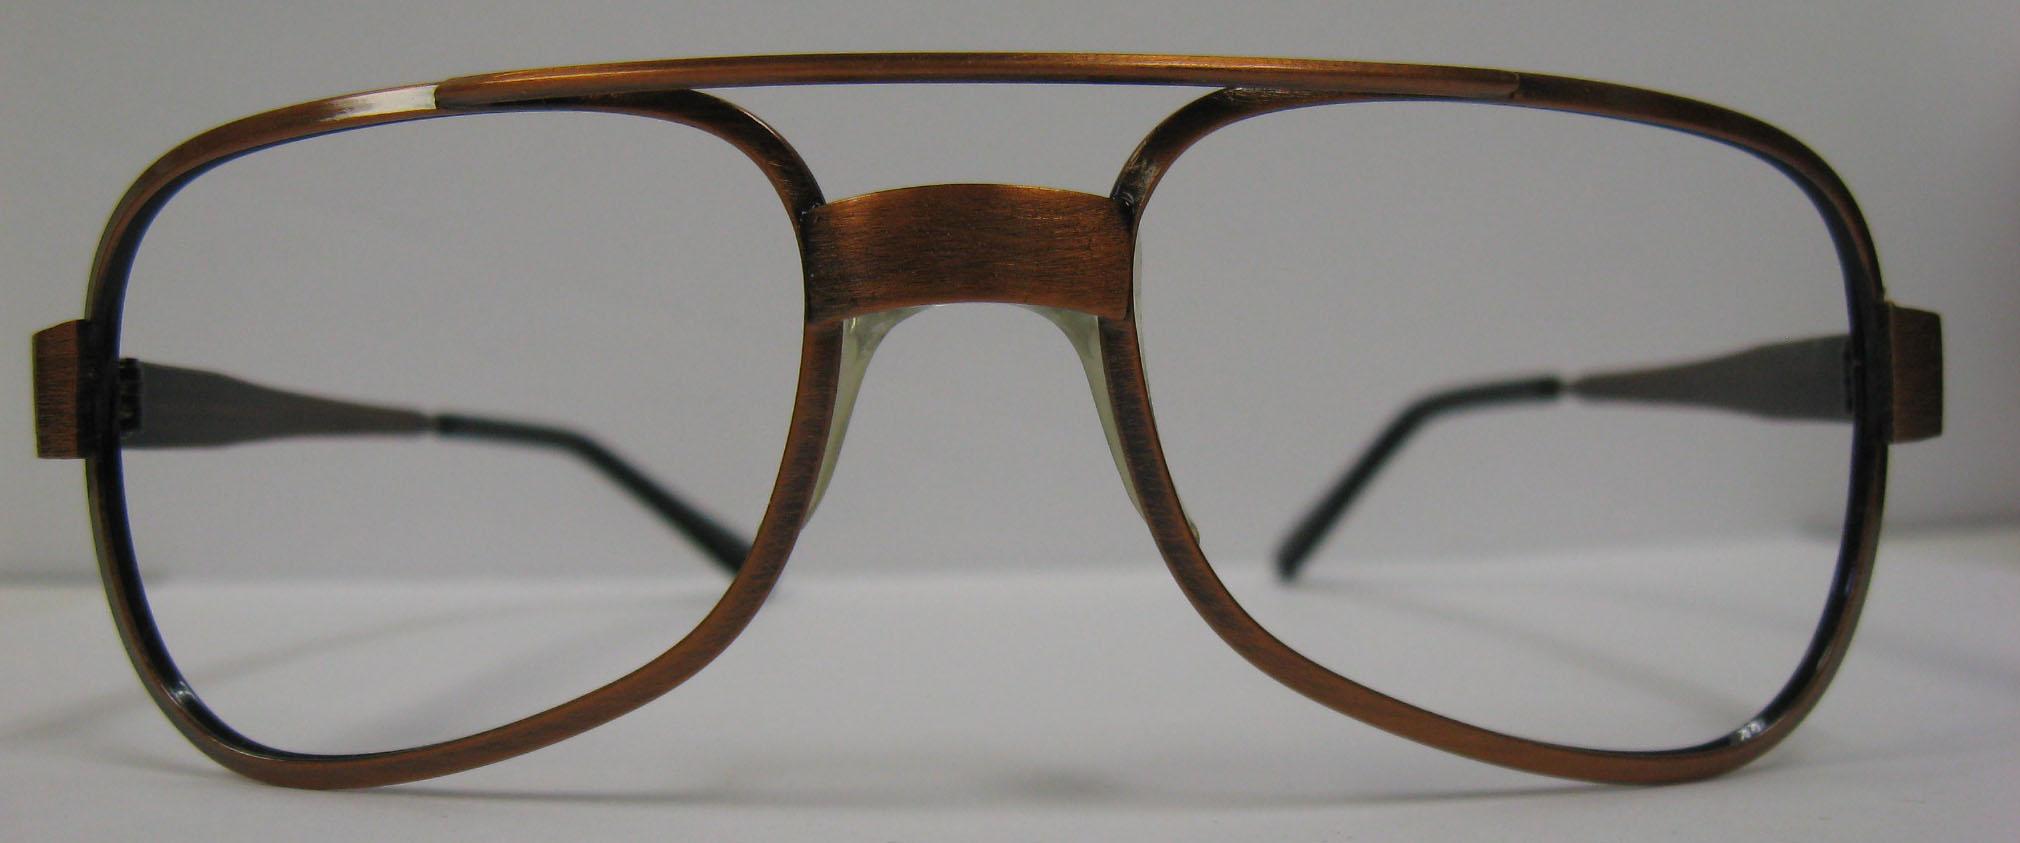 vintage eye glasses frames frame eyeglasses artoptic